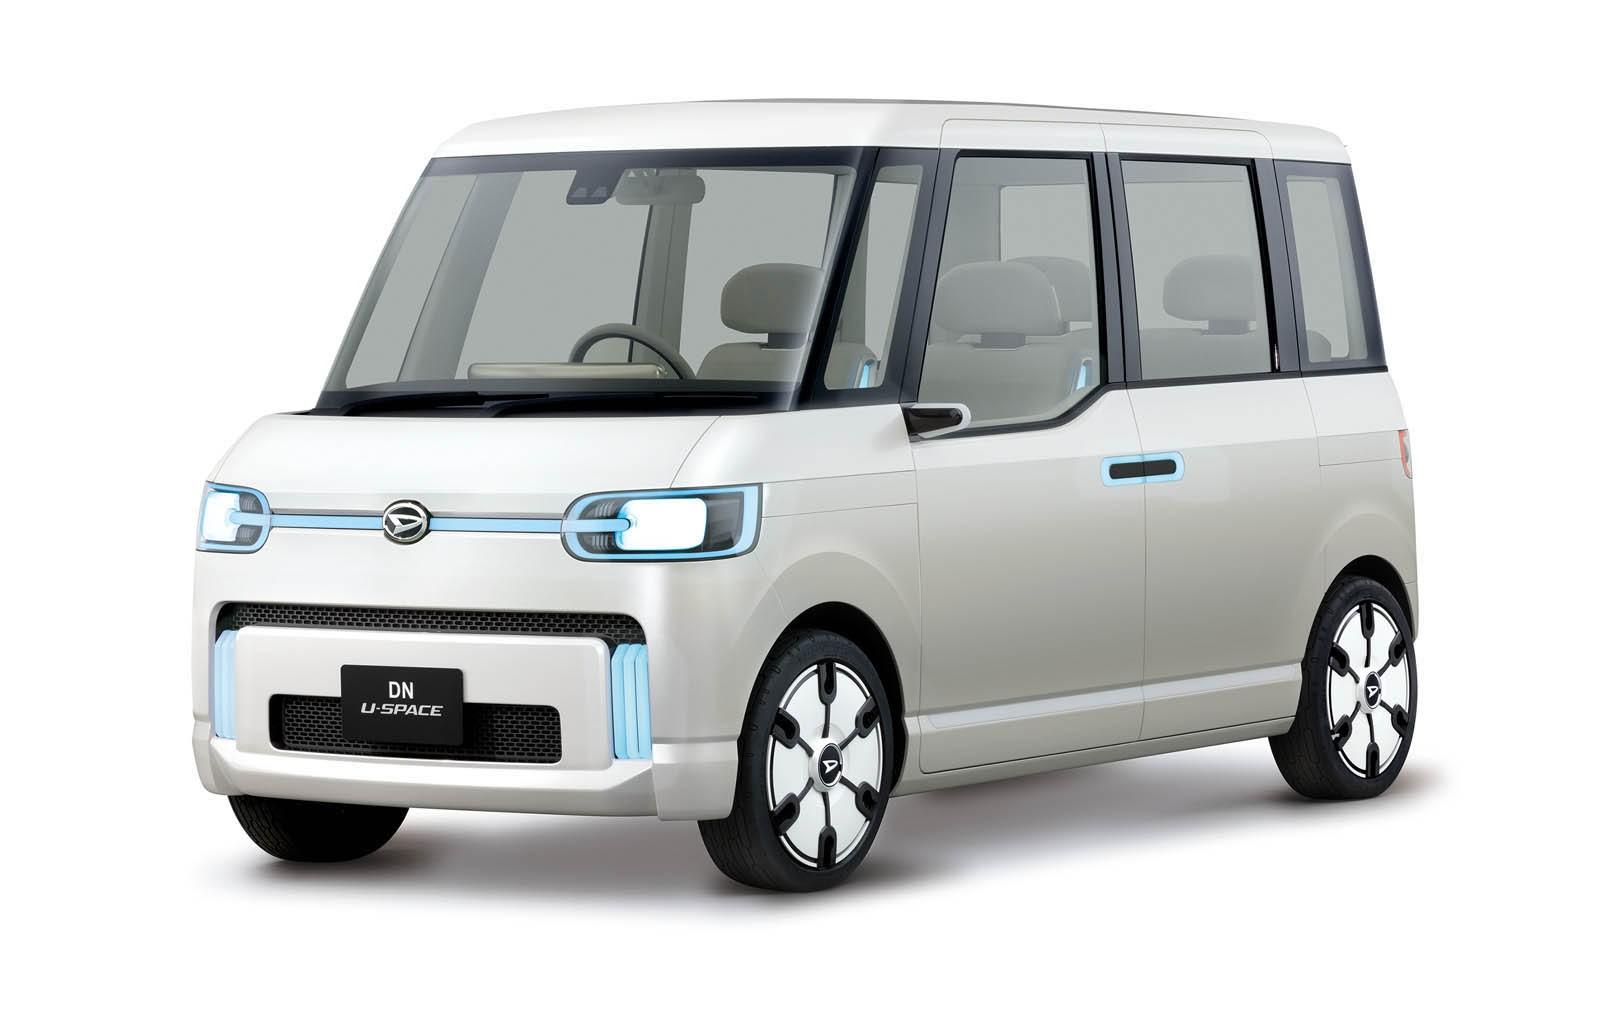 Daihatsu DN Compagno Is a Bubble Retro Sedan from Japan ...